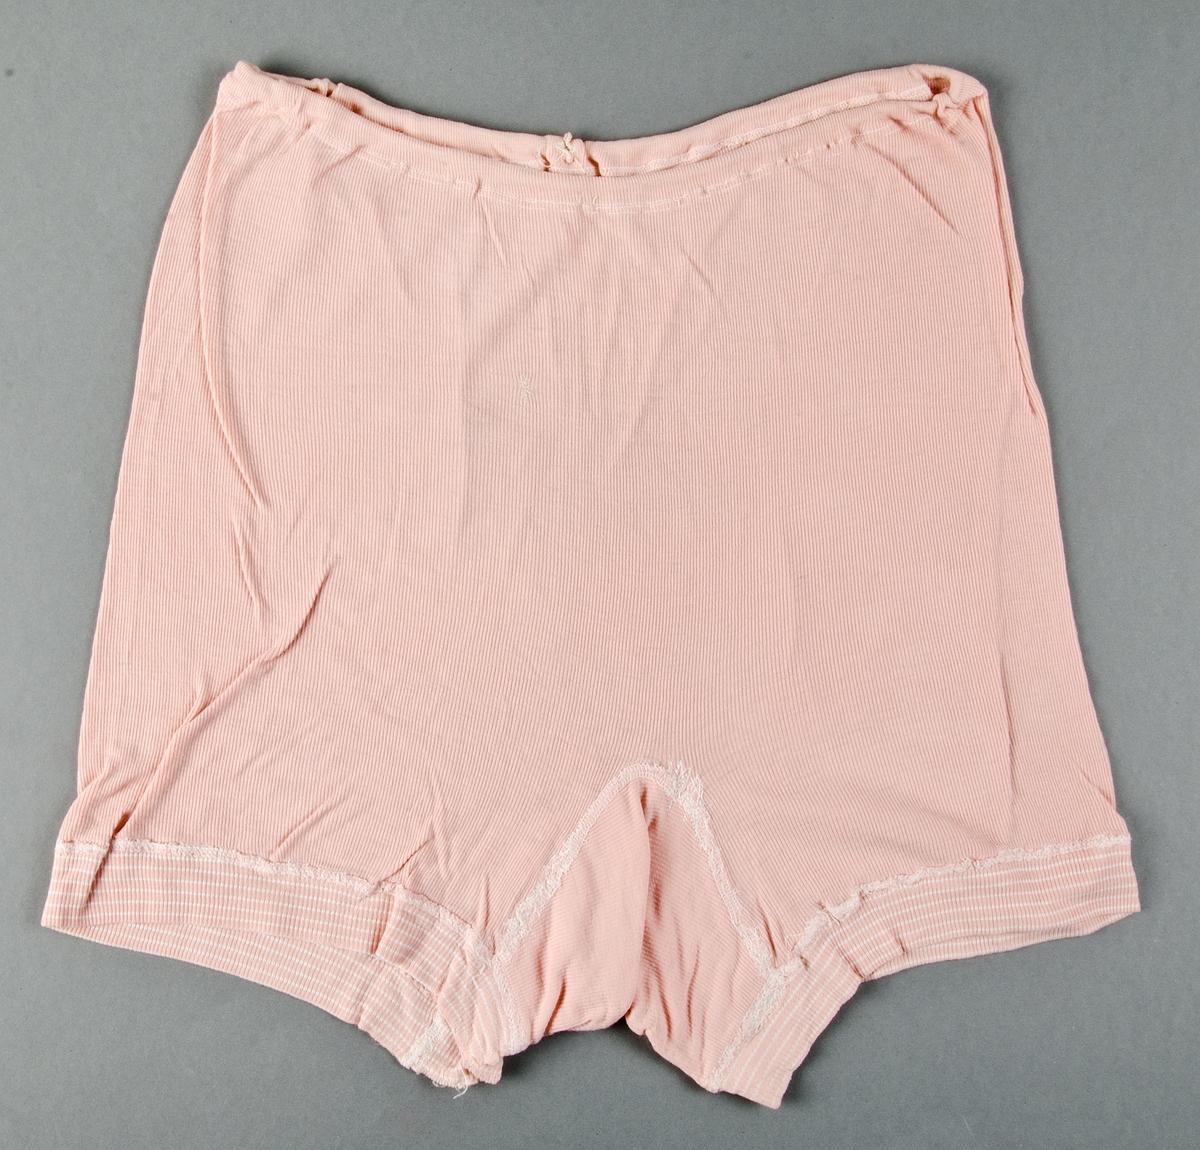 Underbyxor av rosa bomullstrikå. Maskinsydda. Resår i midjan. Hål vid midjan. Lagade med vit och rosa tråd baktill.